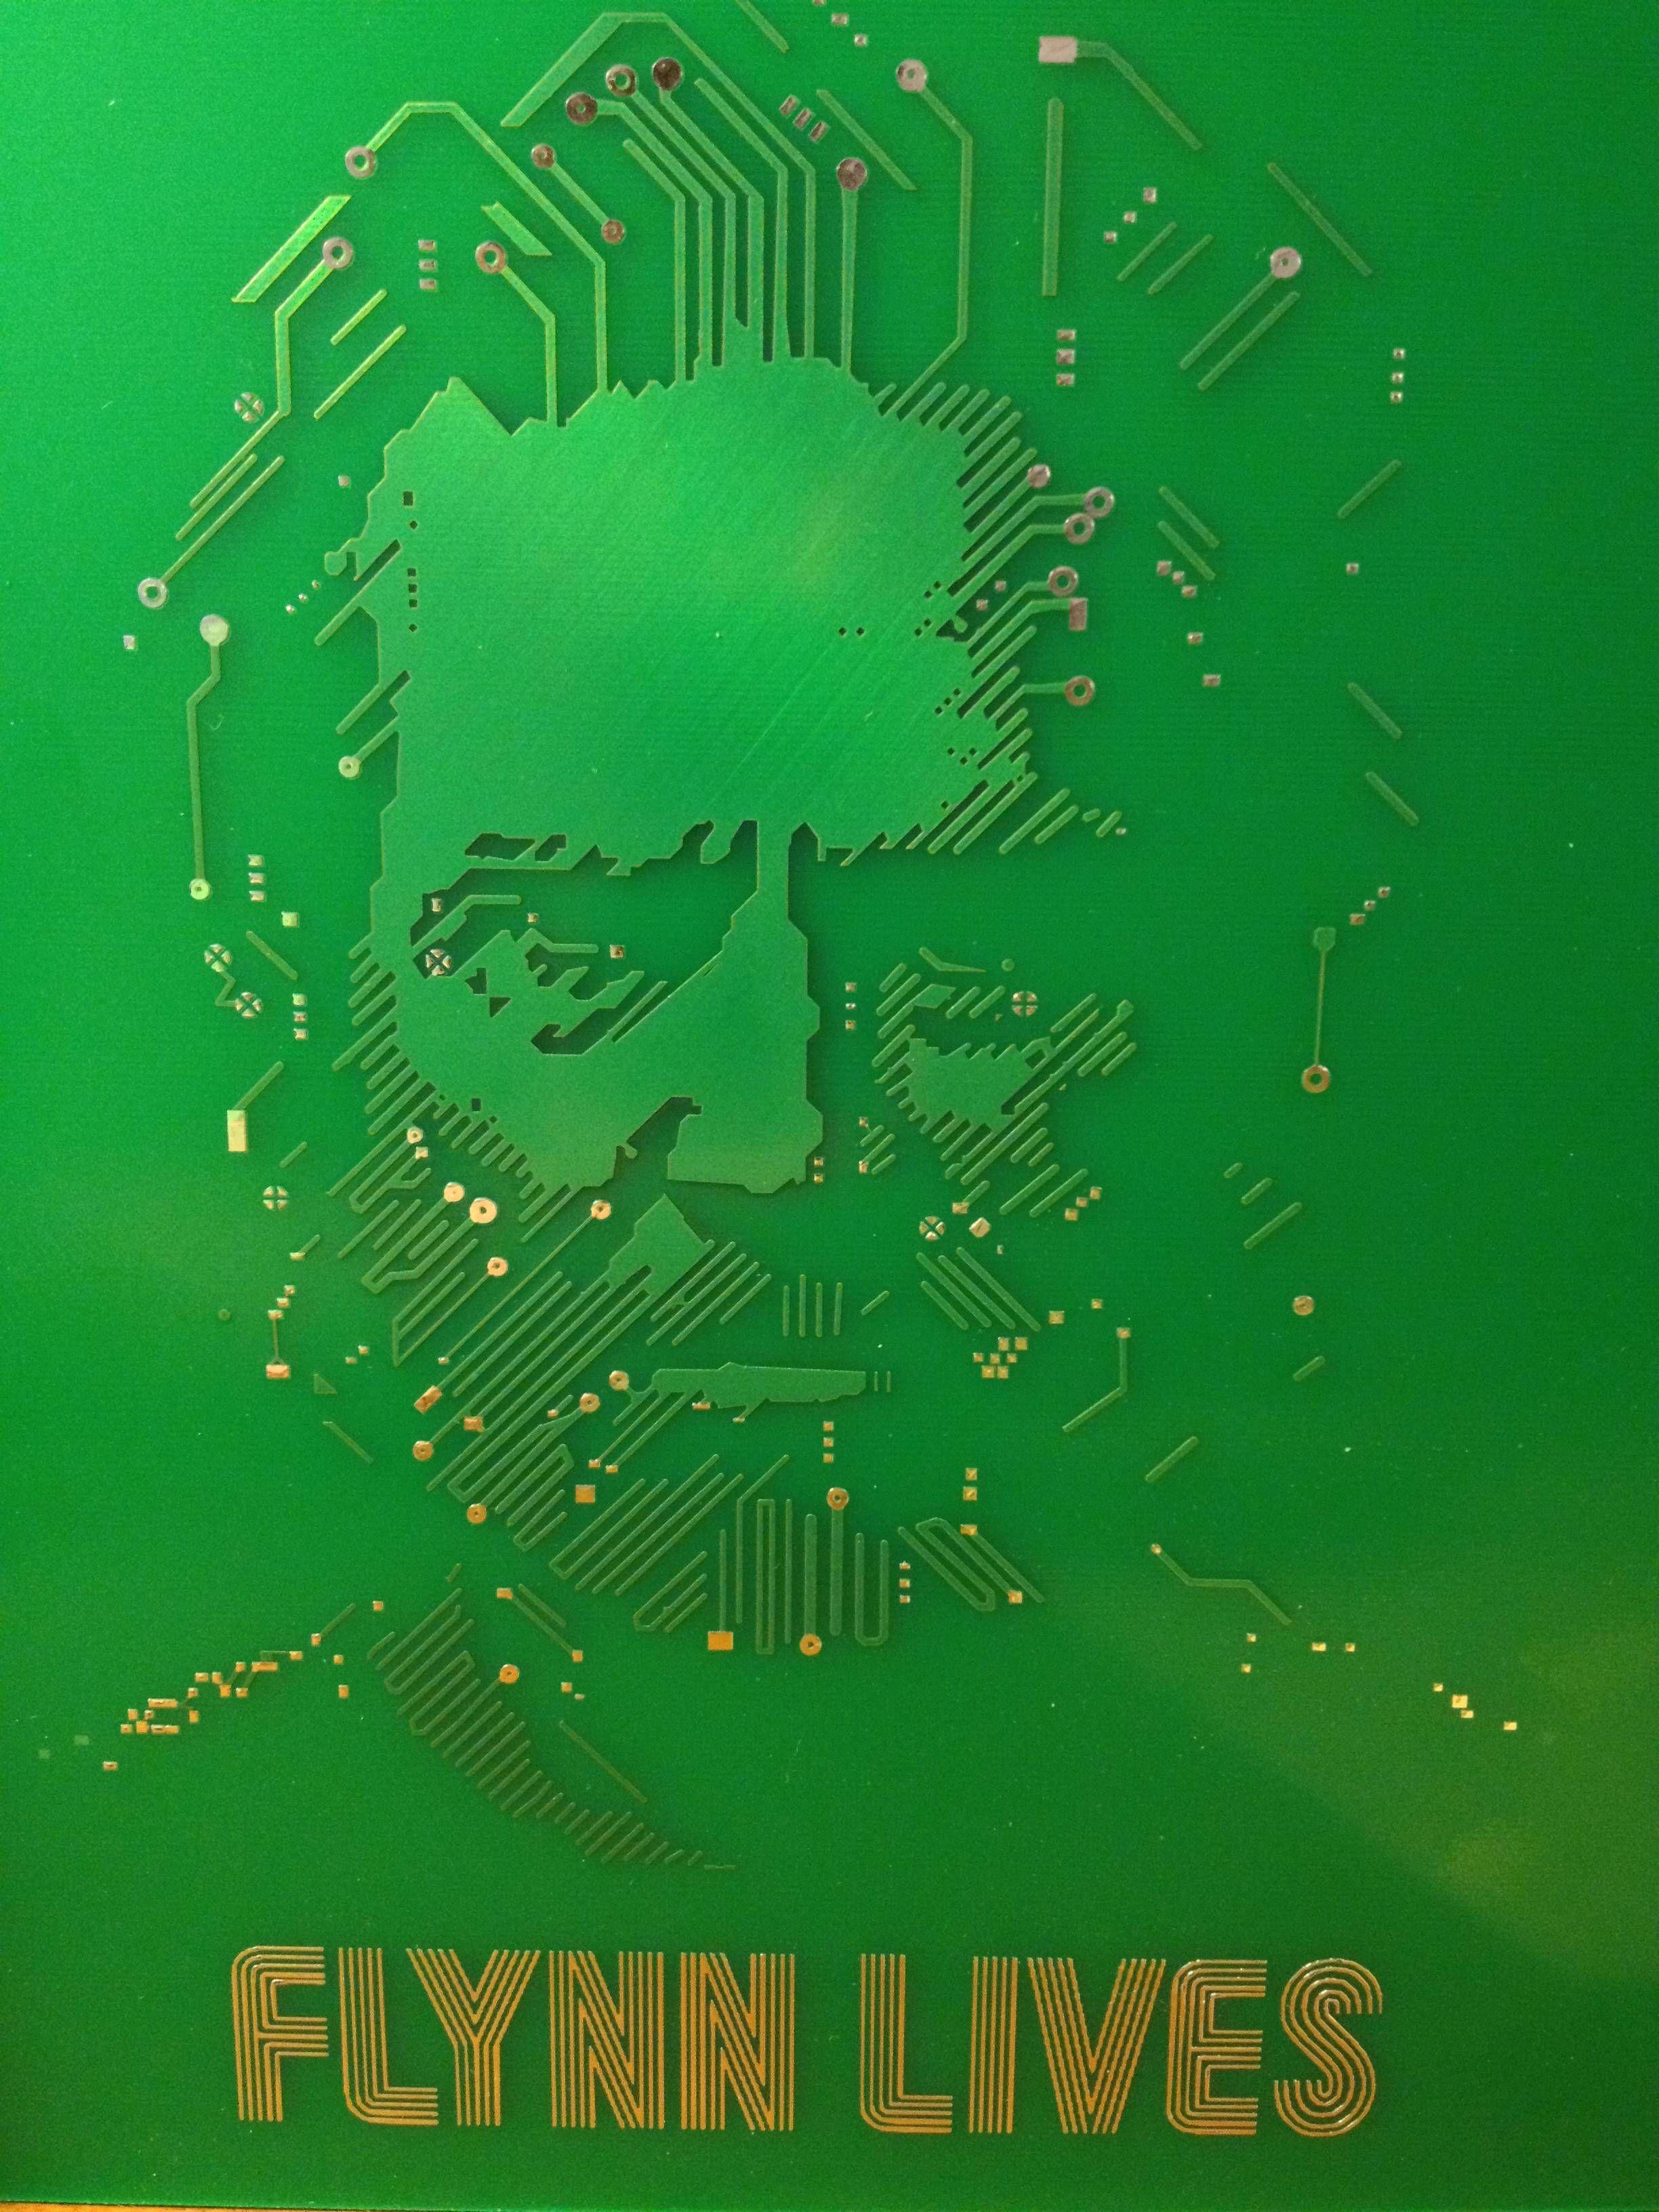 Flynn Lives PCB | Printed circuit board, Circuits and Generators